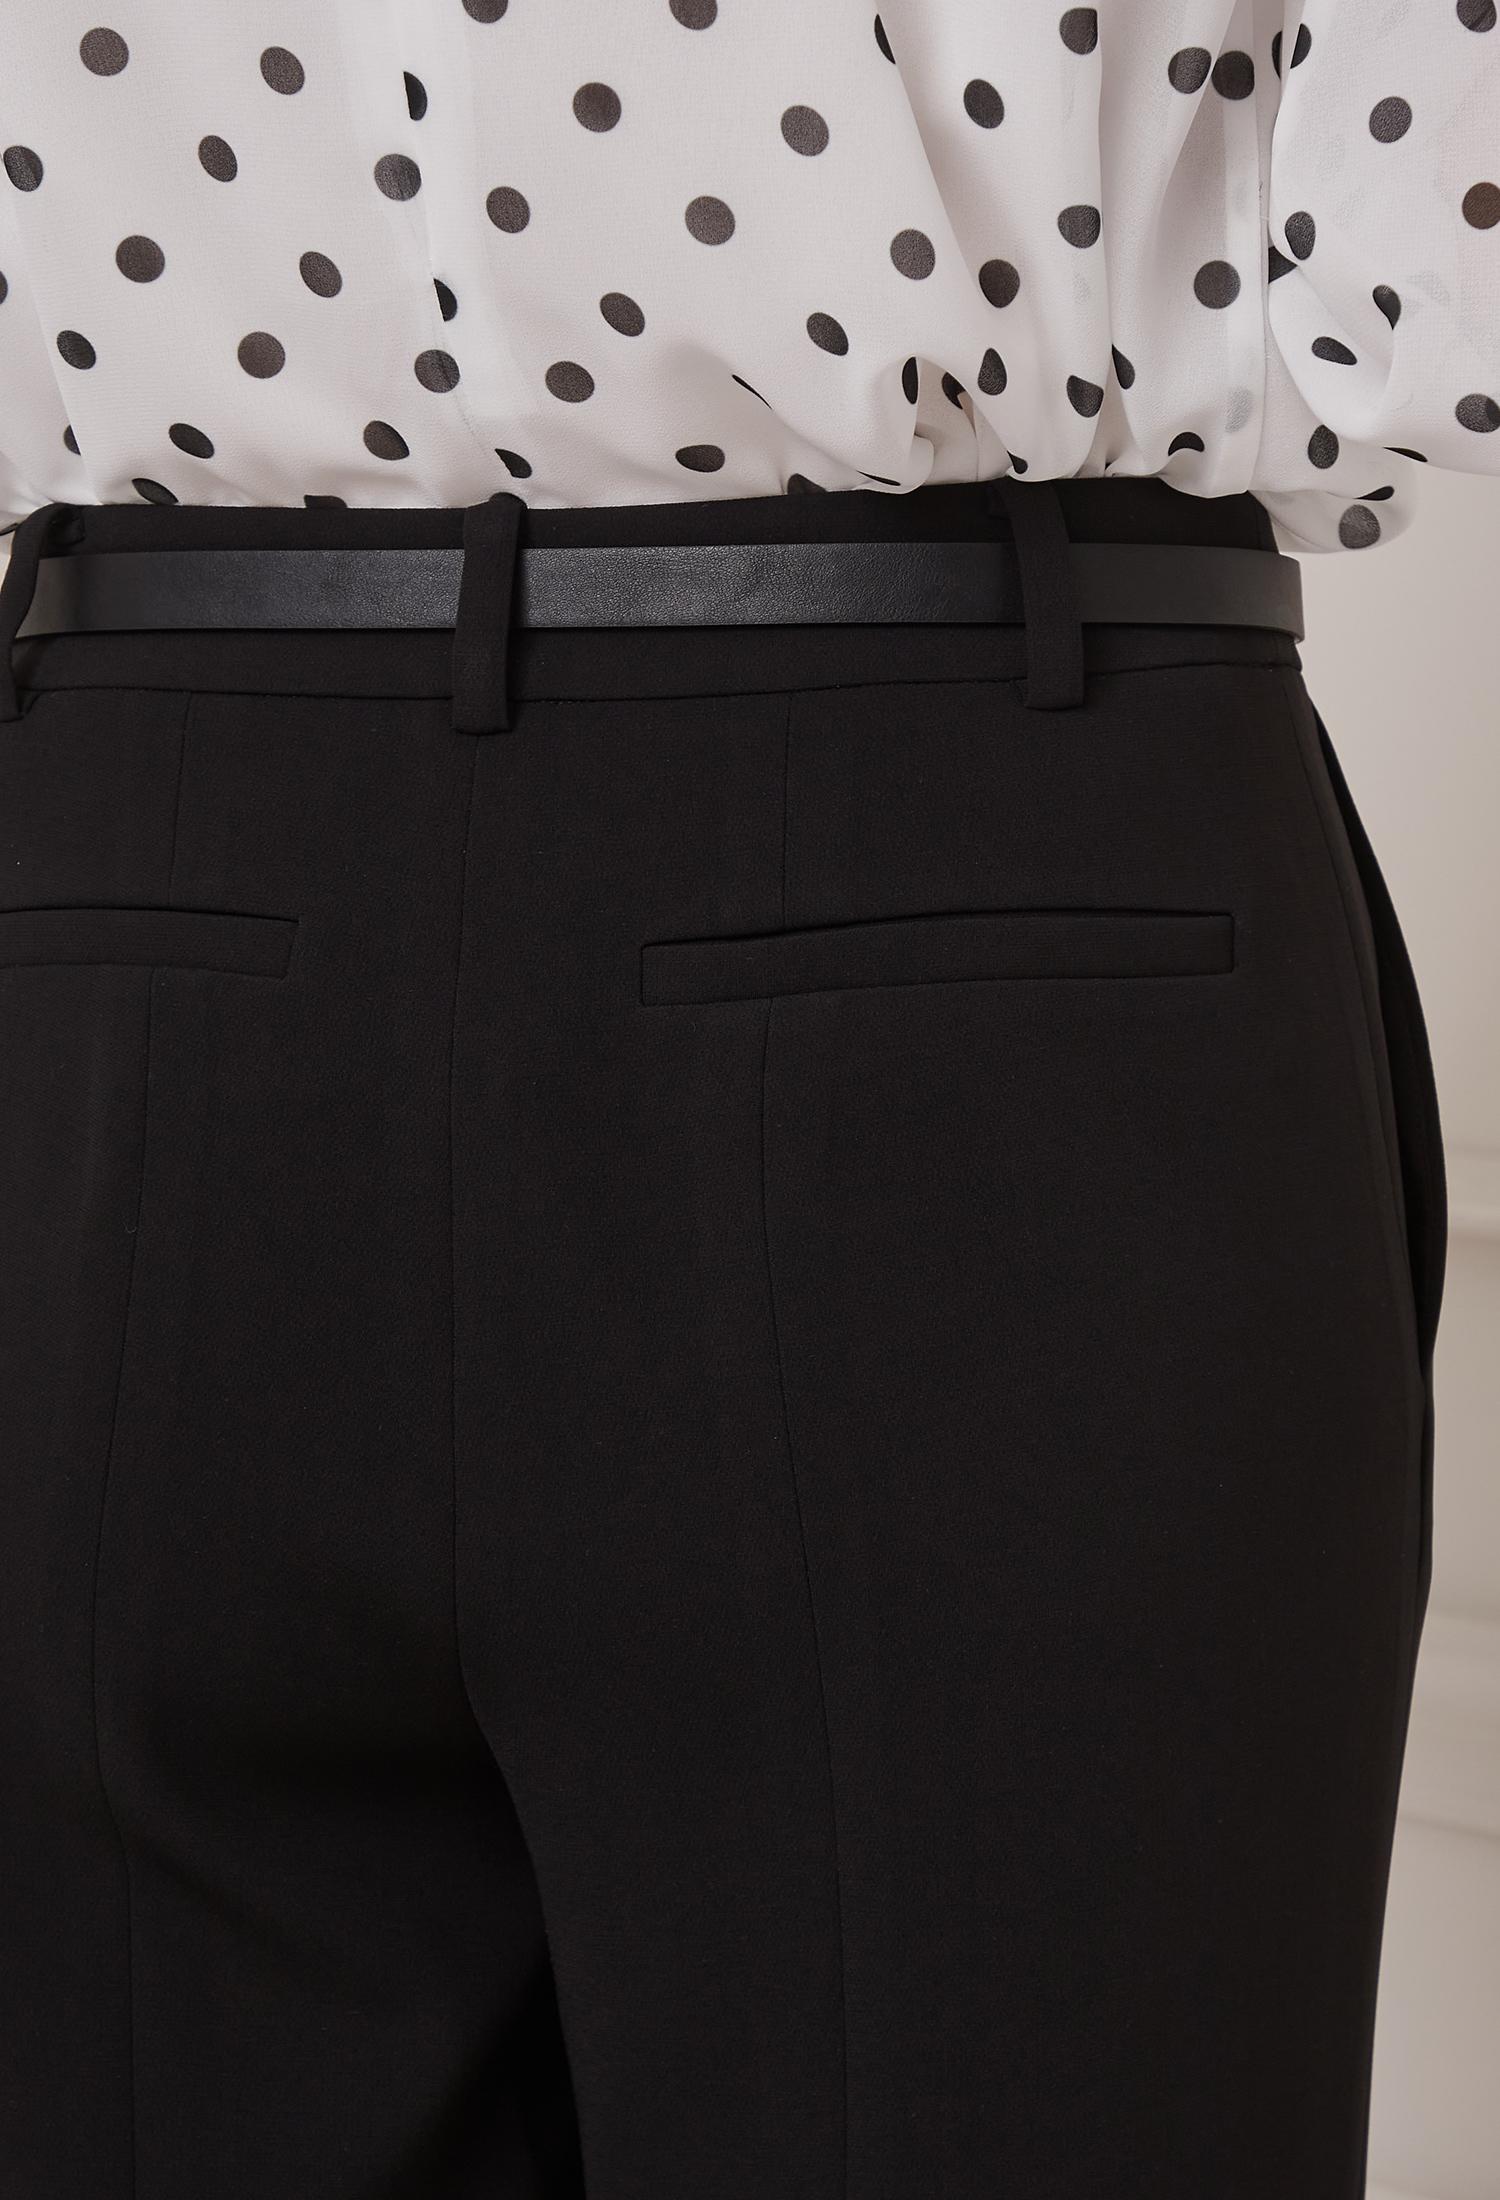 벨티드 절개 와이드 슬랙스 (BLACK)